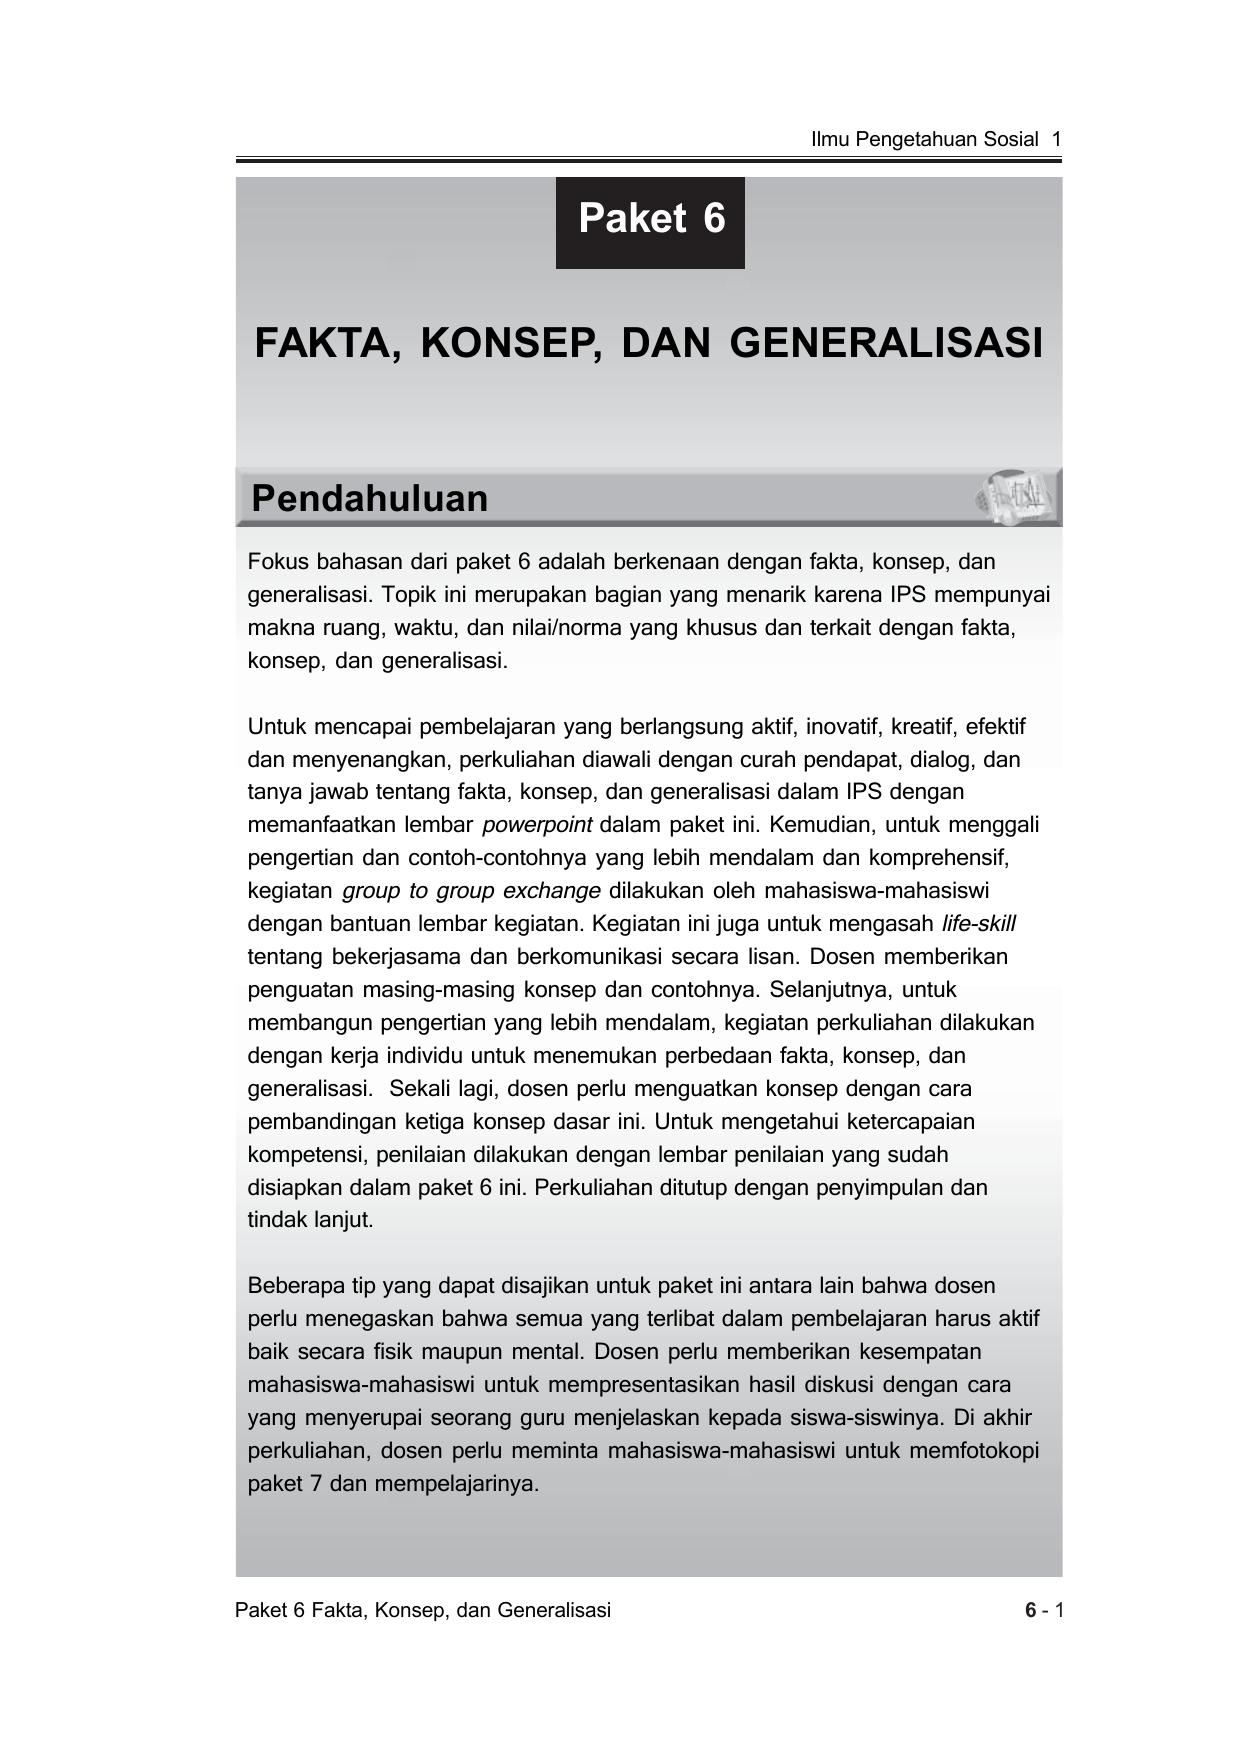 Fakta Konsep Dan Generalisasi Paket 6